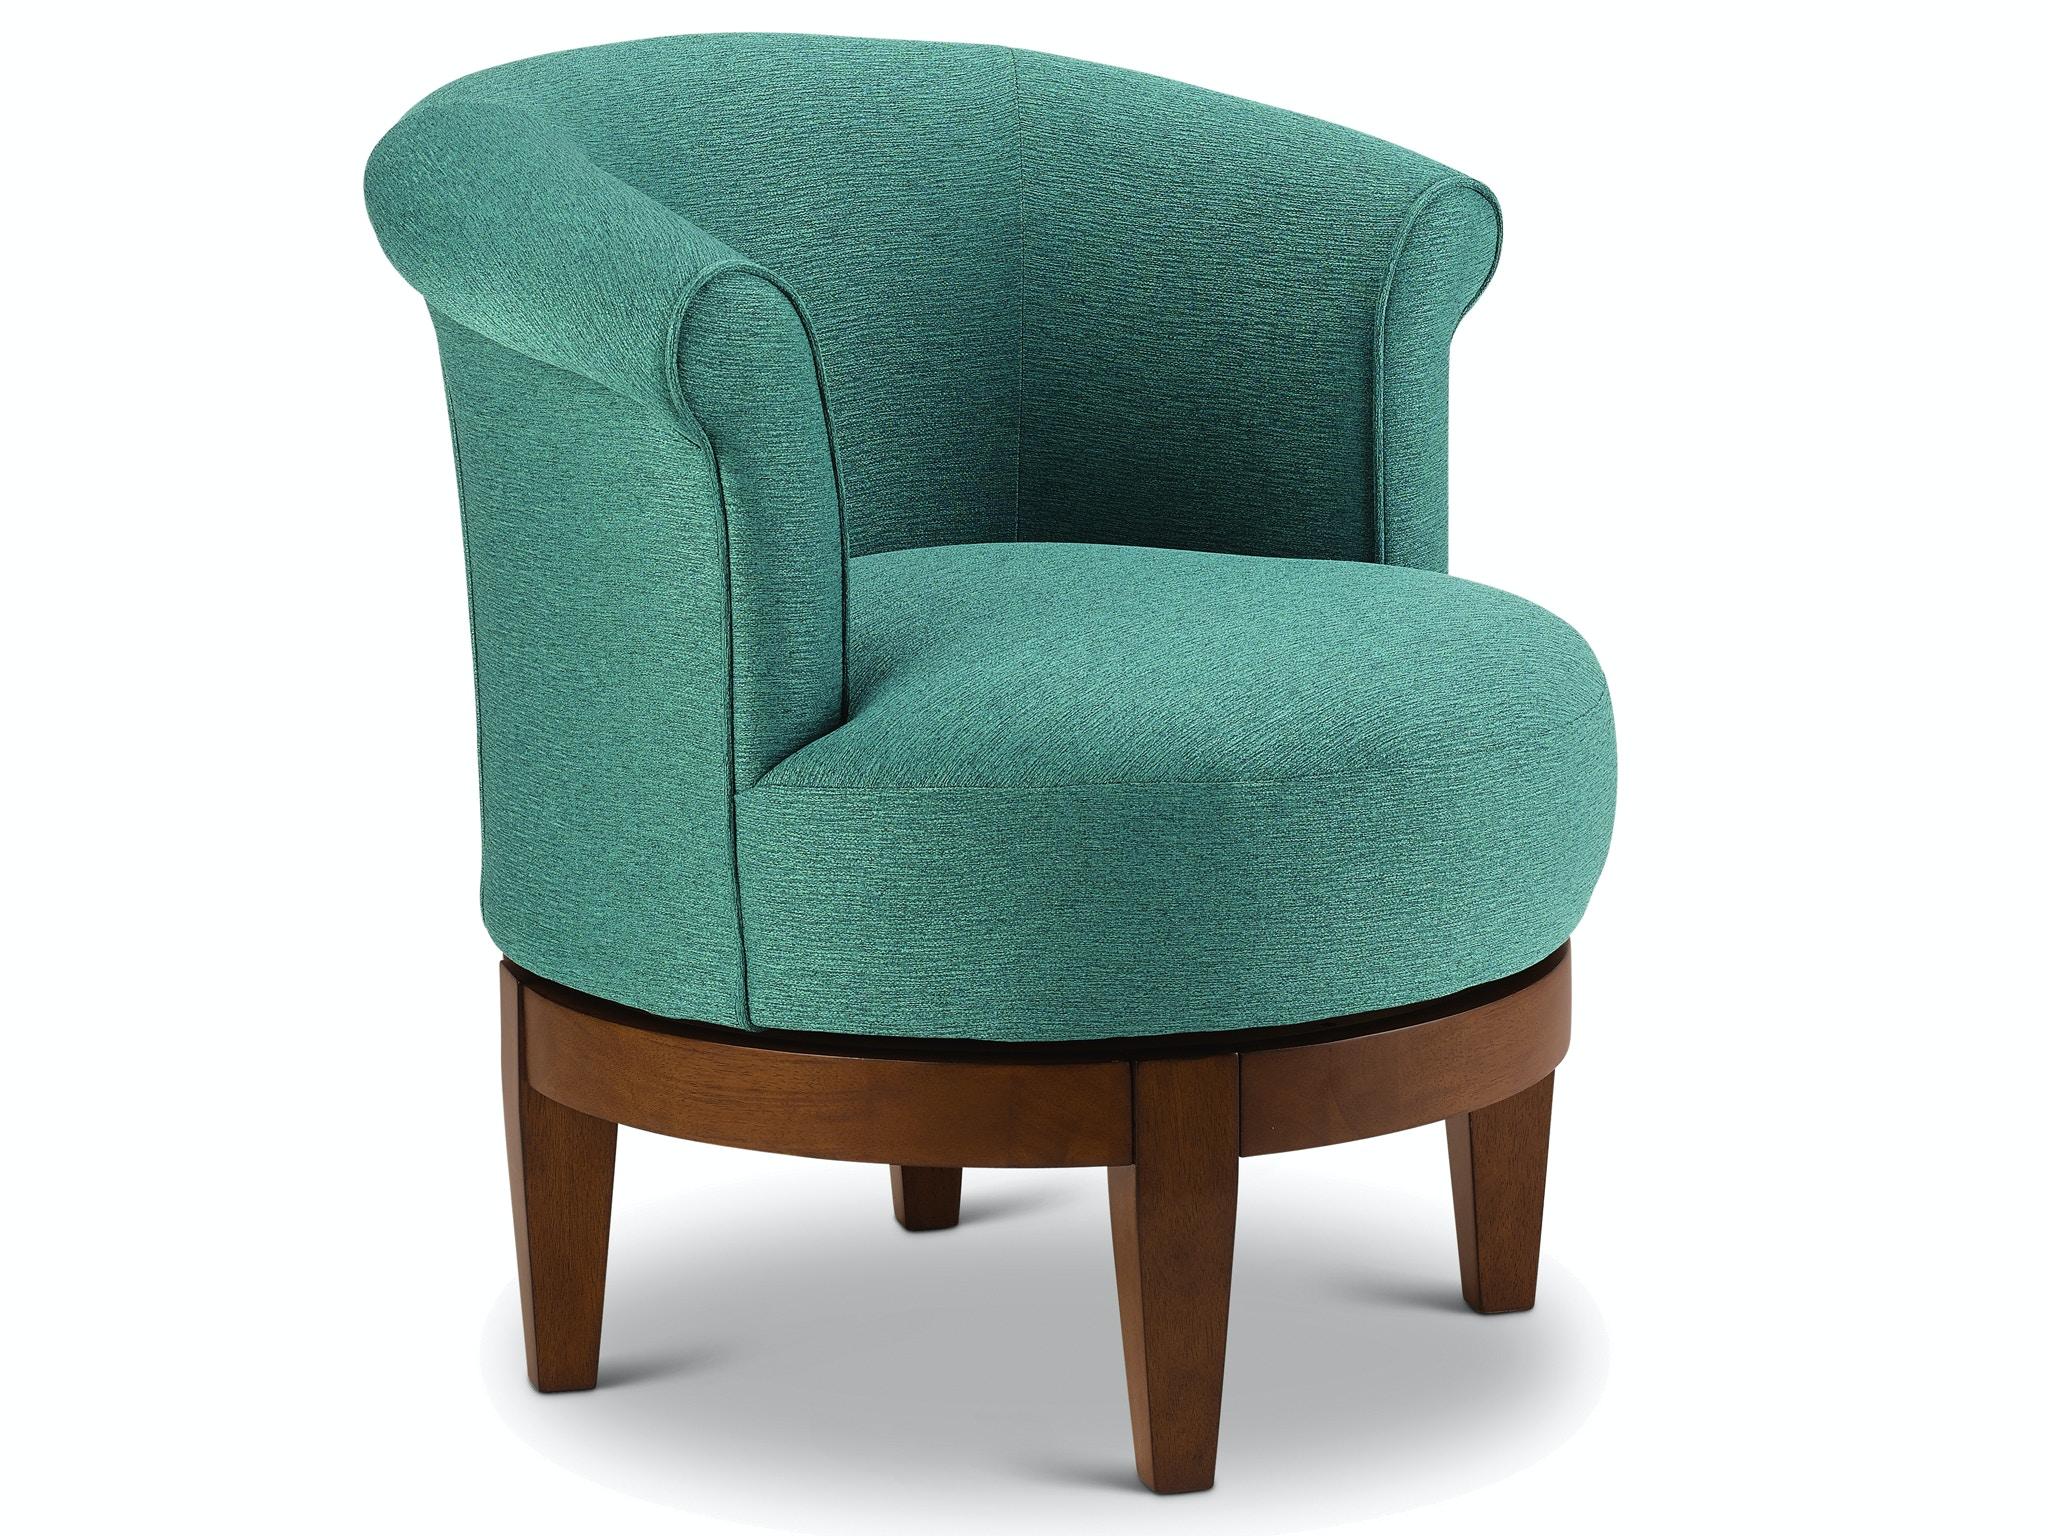 Best Home Furnishings Swivel Chair 2958E